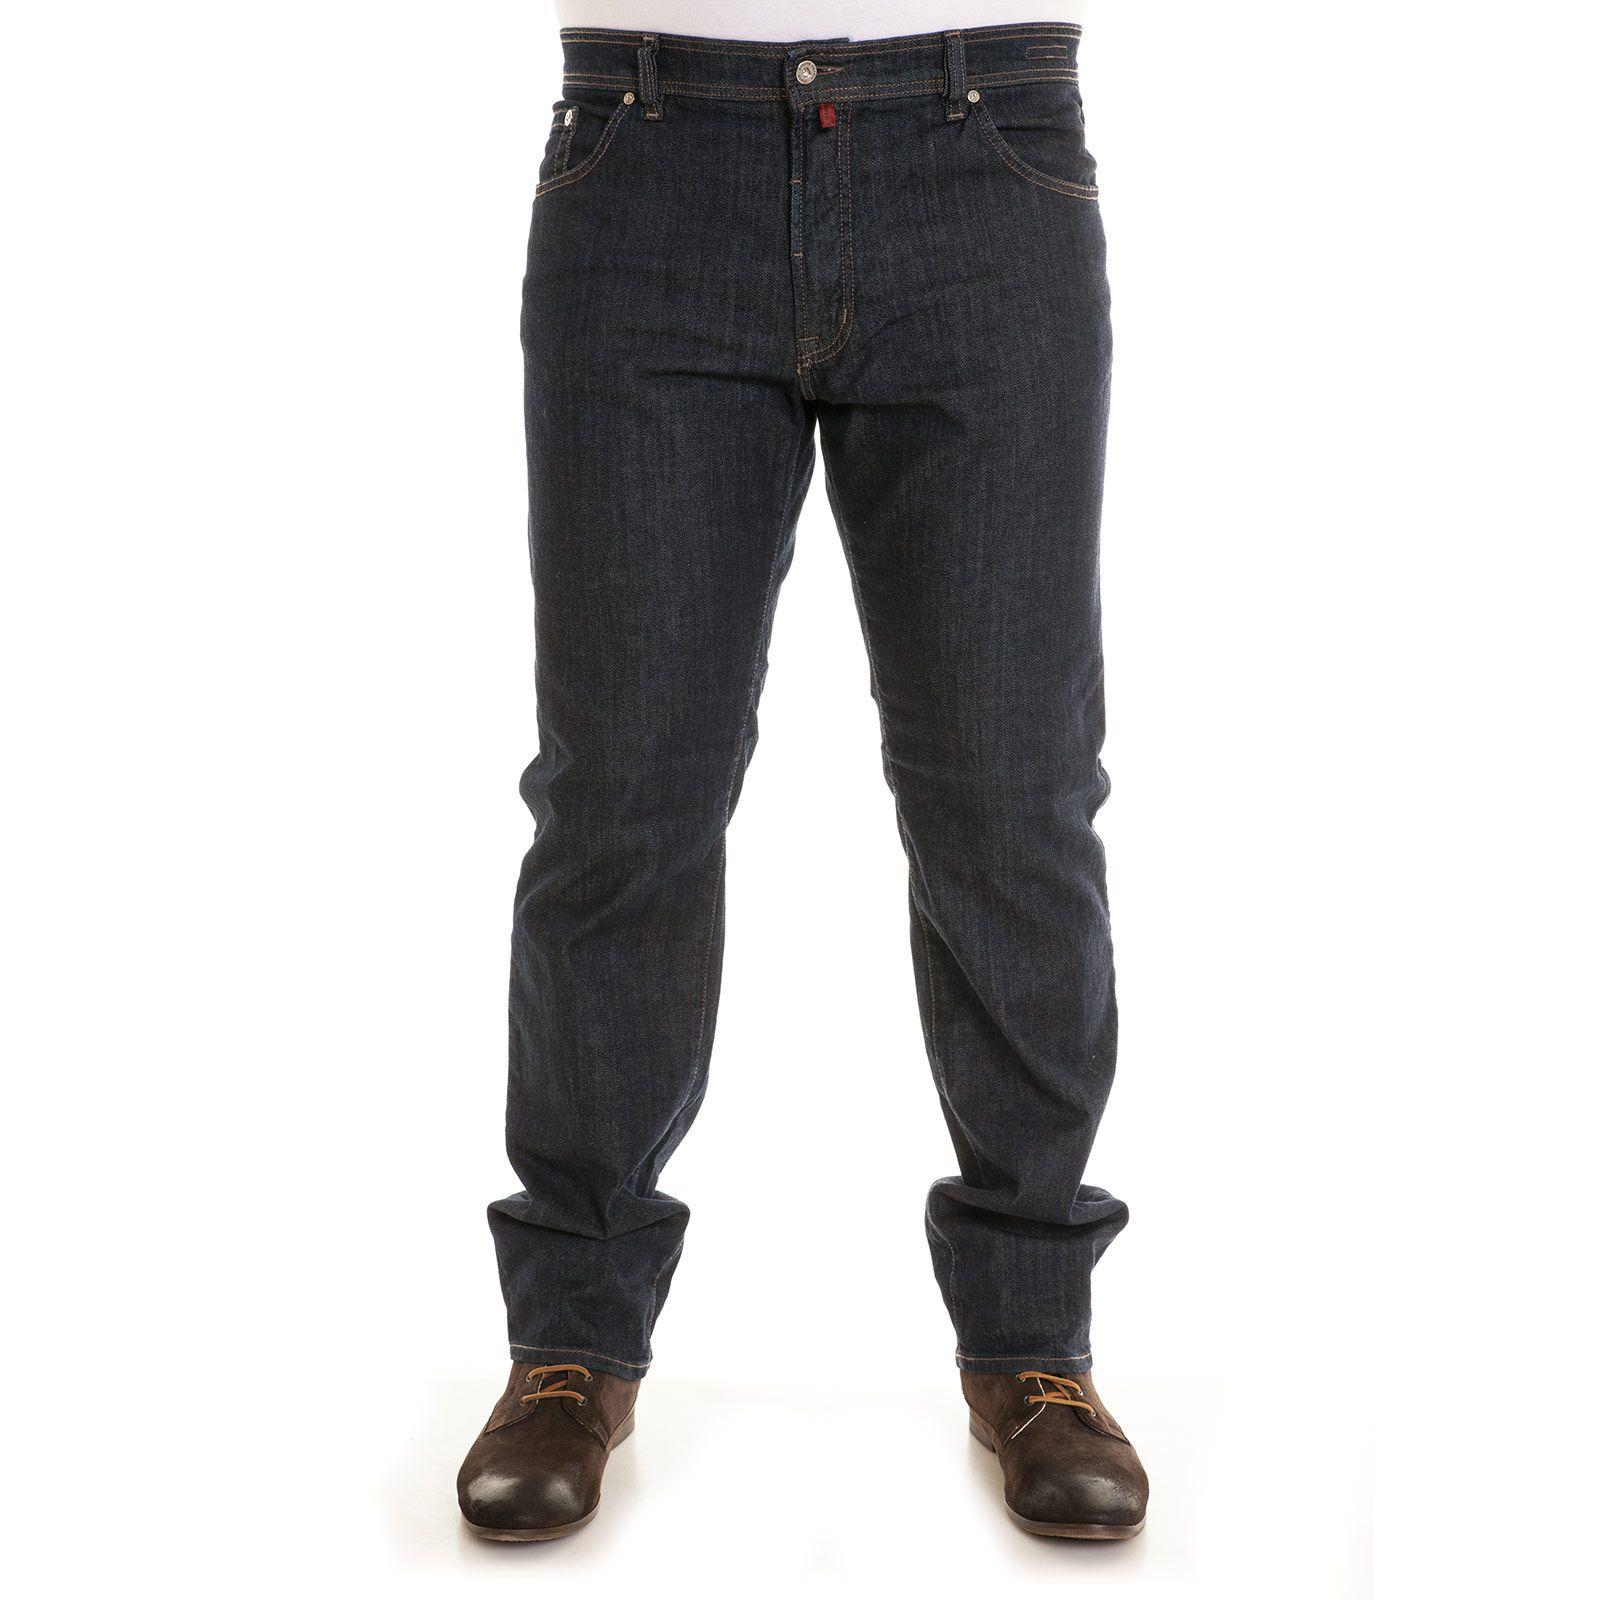 jean grande taille ou pantalon pour homme notre avis. Black Bedroom Furniture Sets. Home Design Ideas